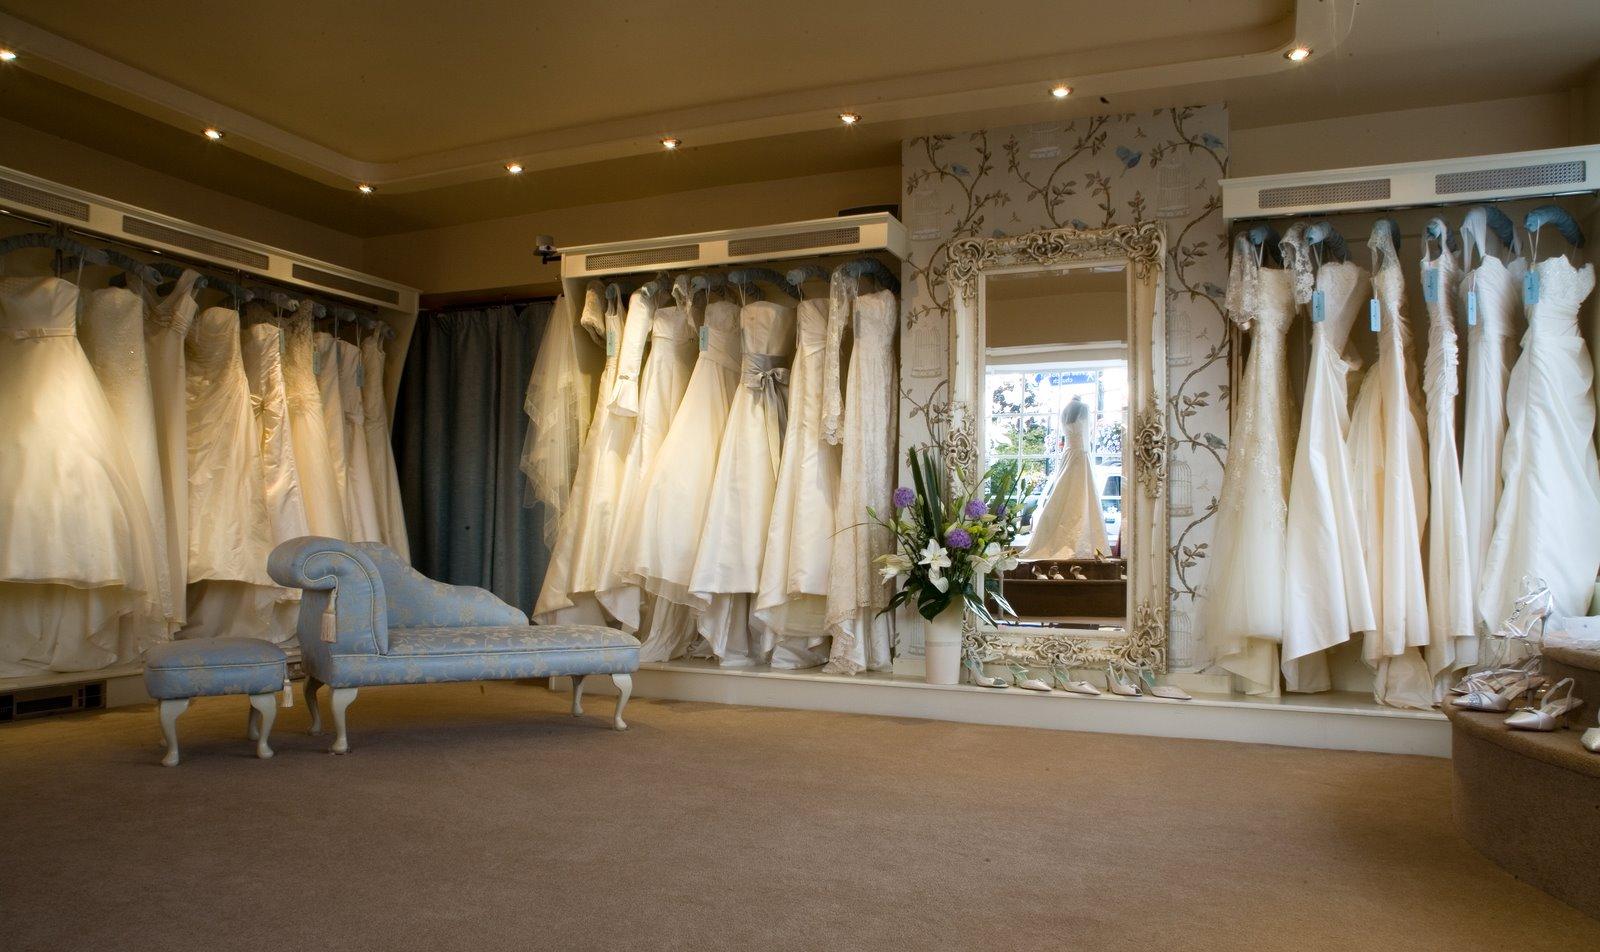 decoracao de interiores lojas:Bridal Boutique Interior Design